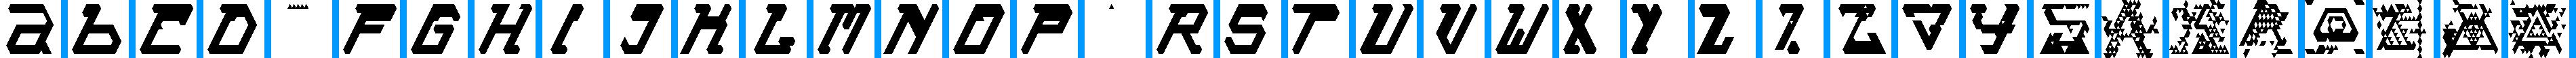 Particip-a-type v.229